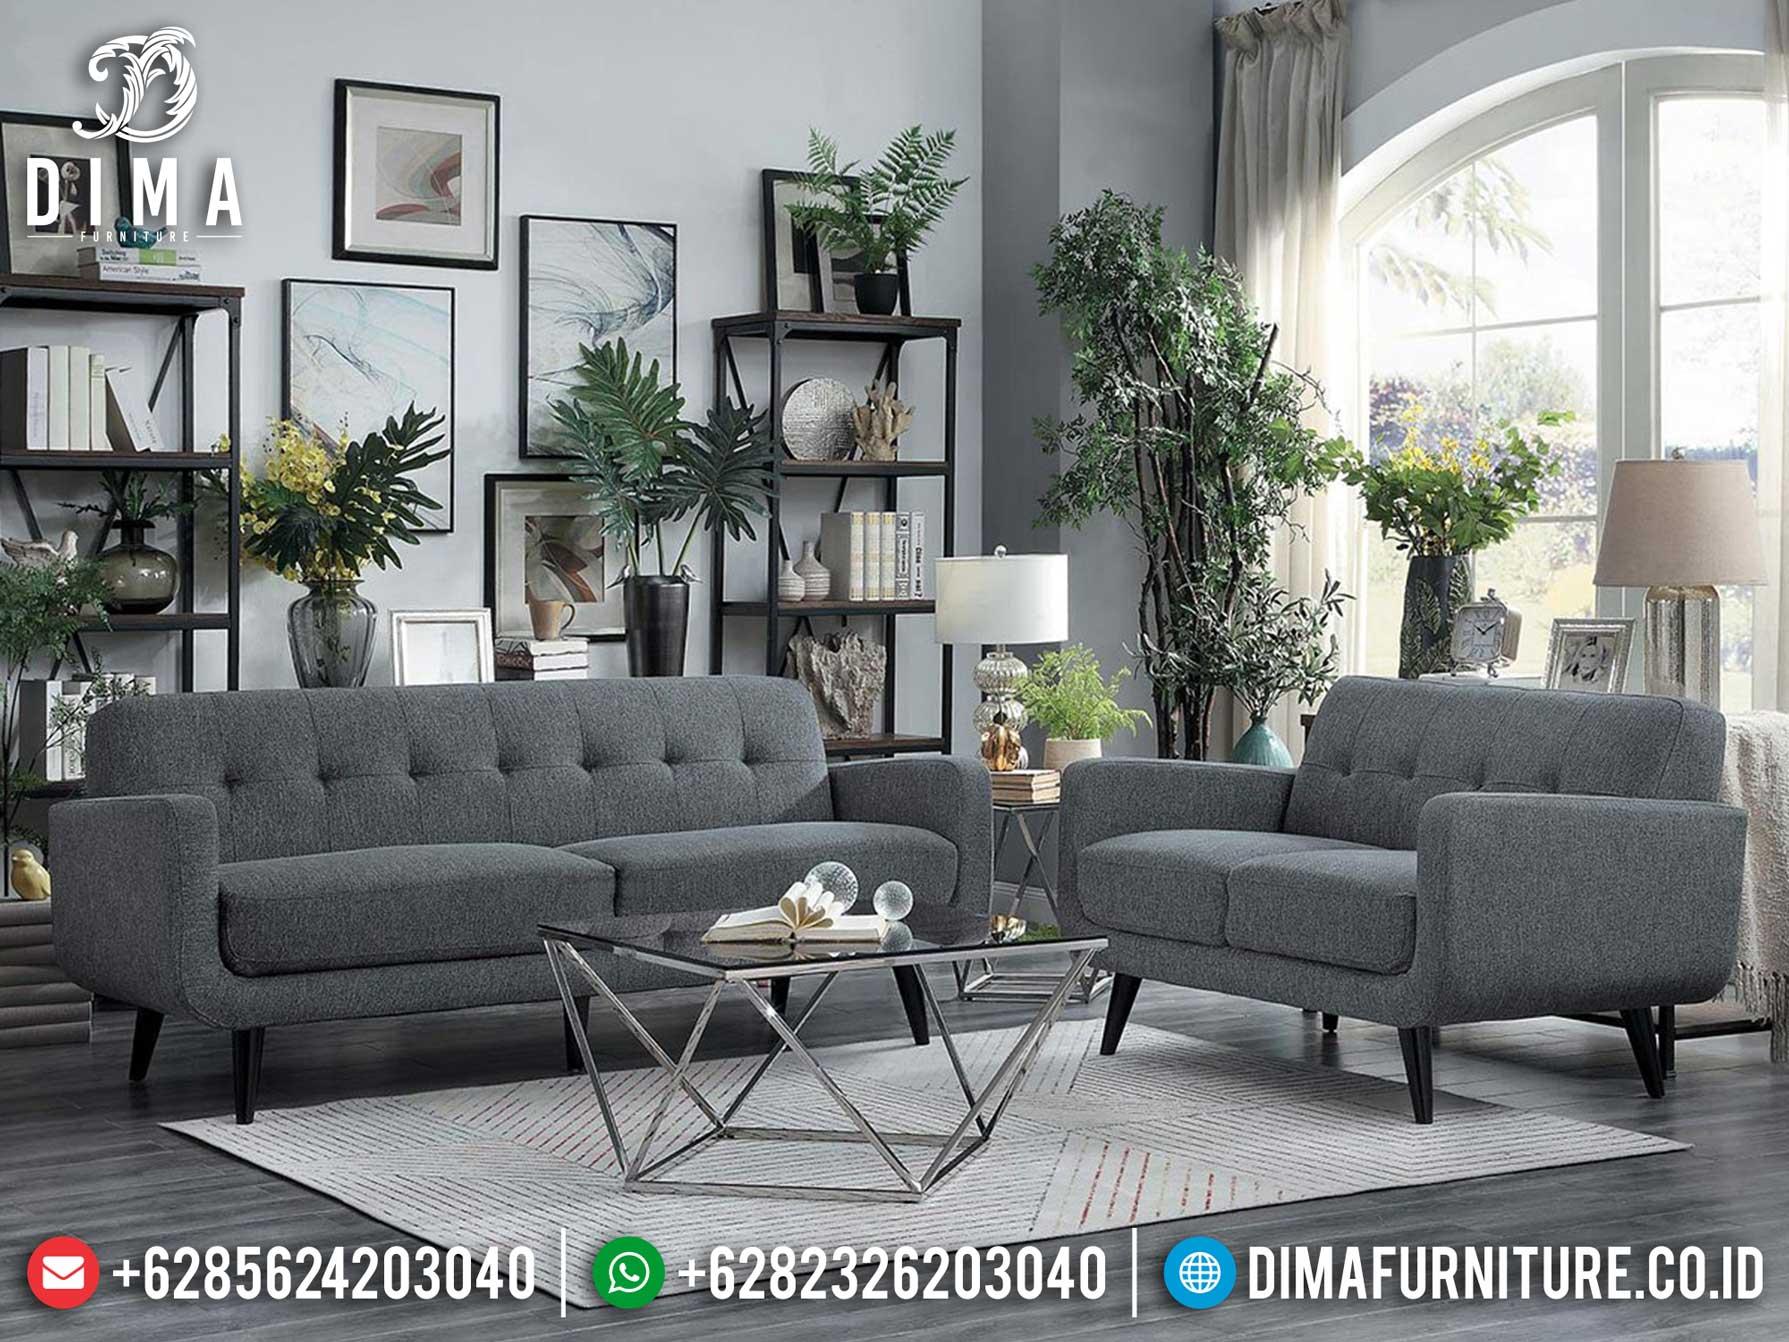 Harga Sofa Tamu Minimalis Best Seller Product Ashes Grey Elegant Color ST-0993